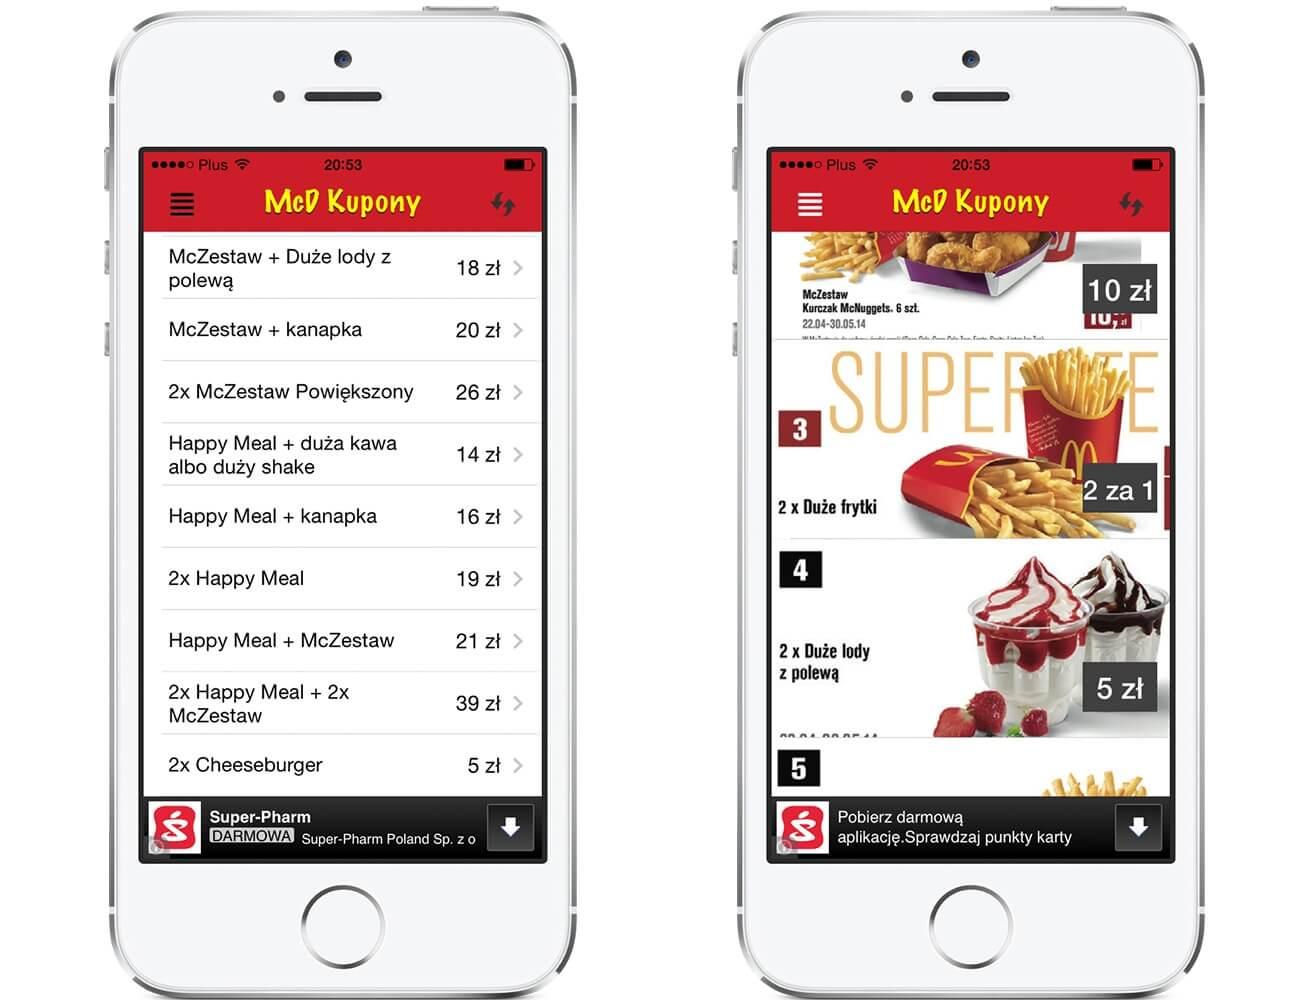 Mcdonalds Kupony – Zaoszczędź na jedzeniu w MCD